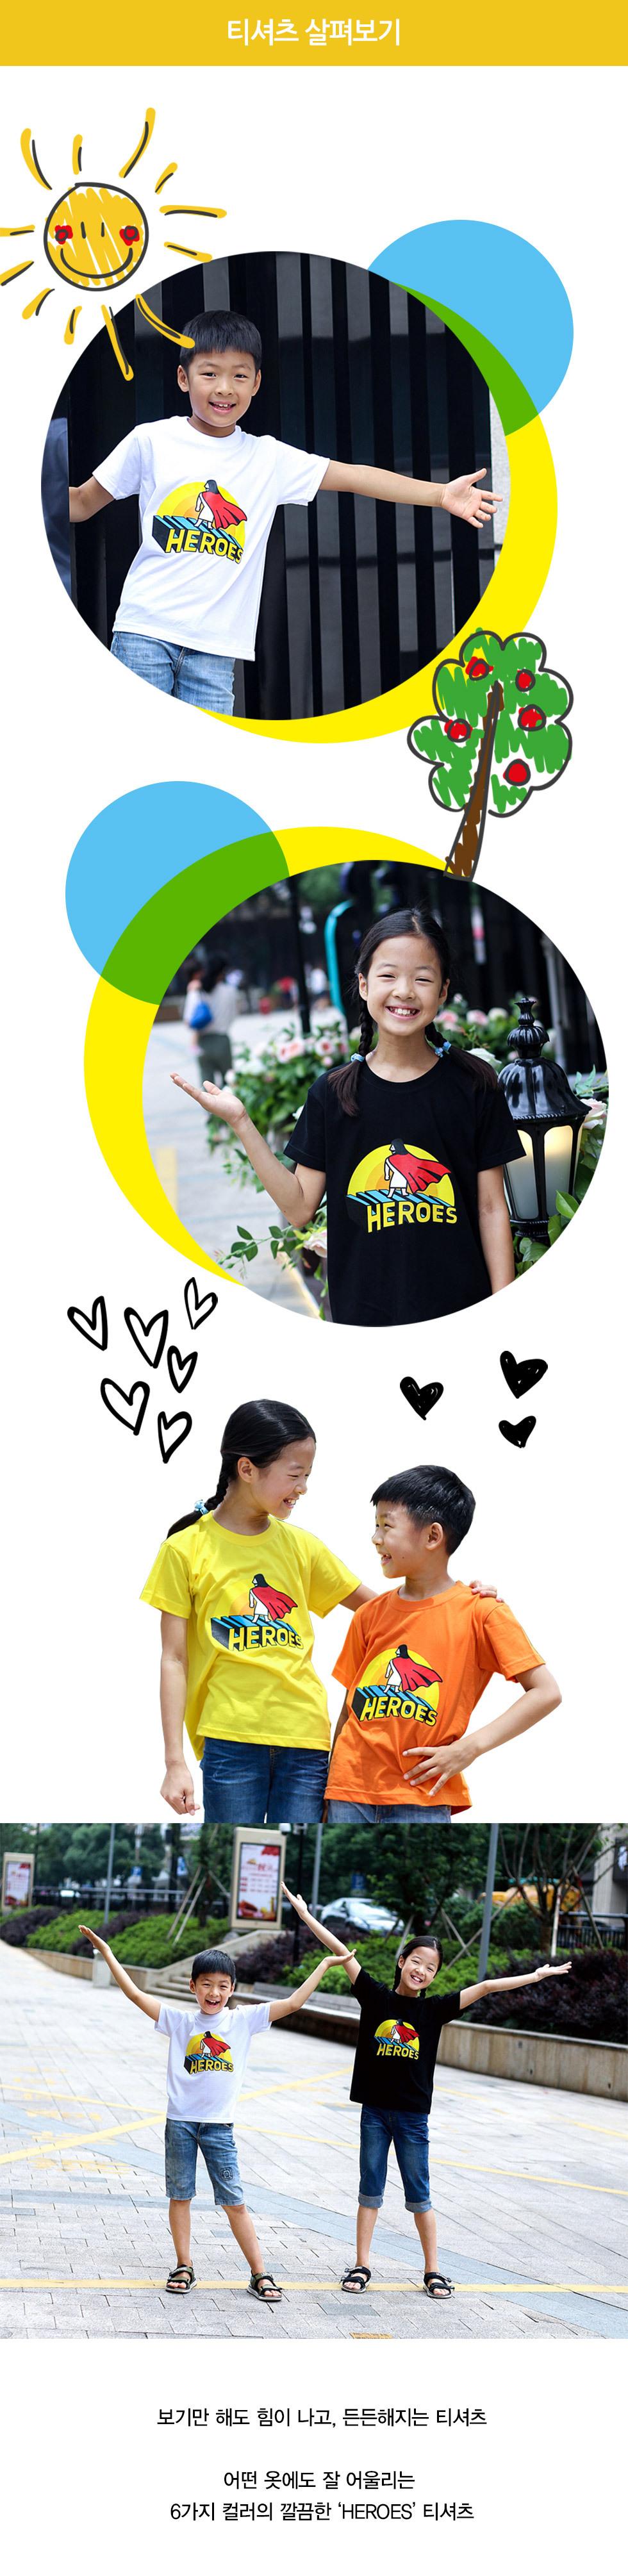 교회단체티 Heroes 히어로 아동용 살펴보기